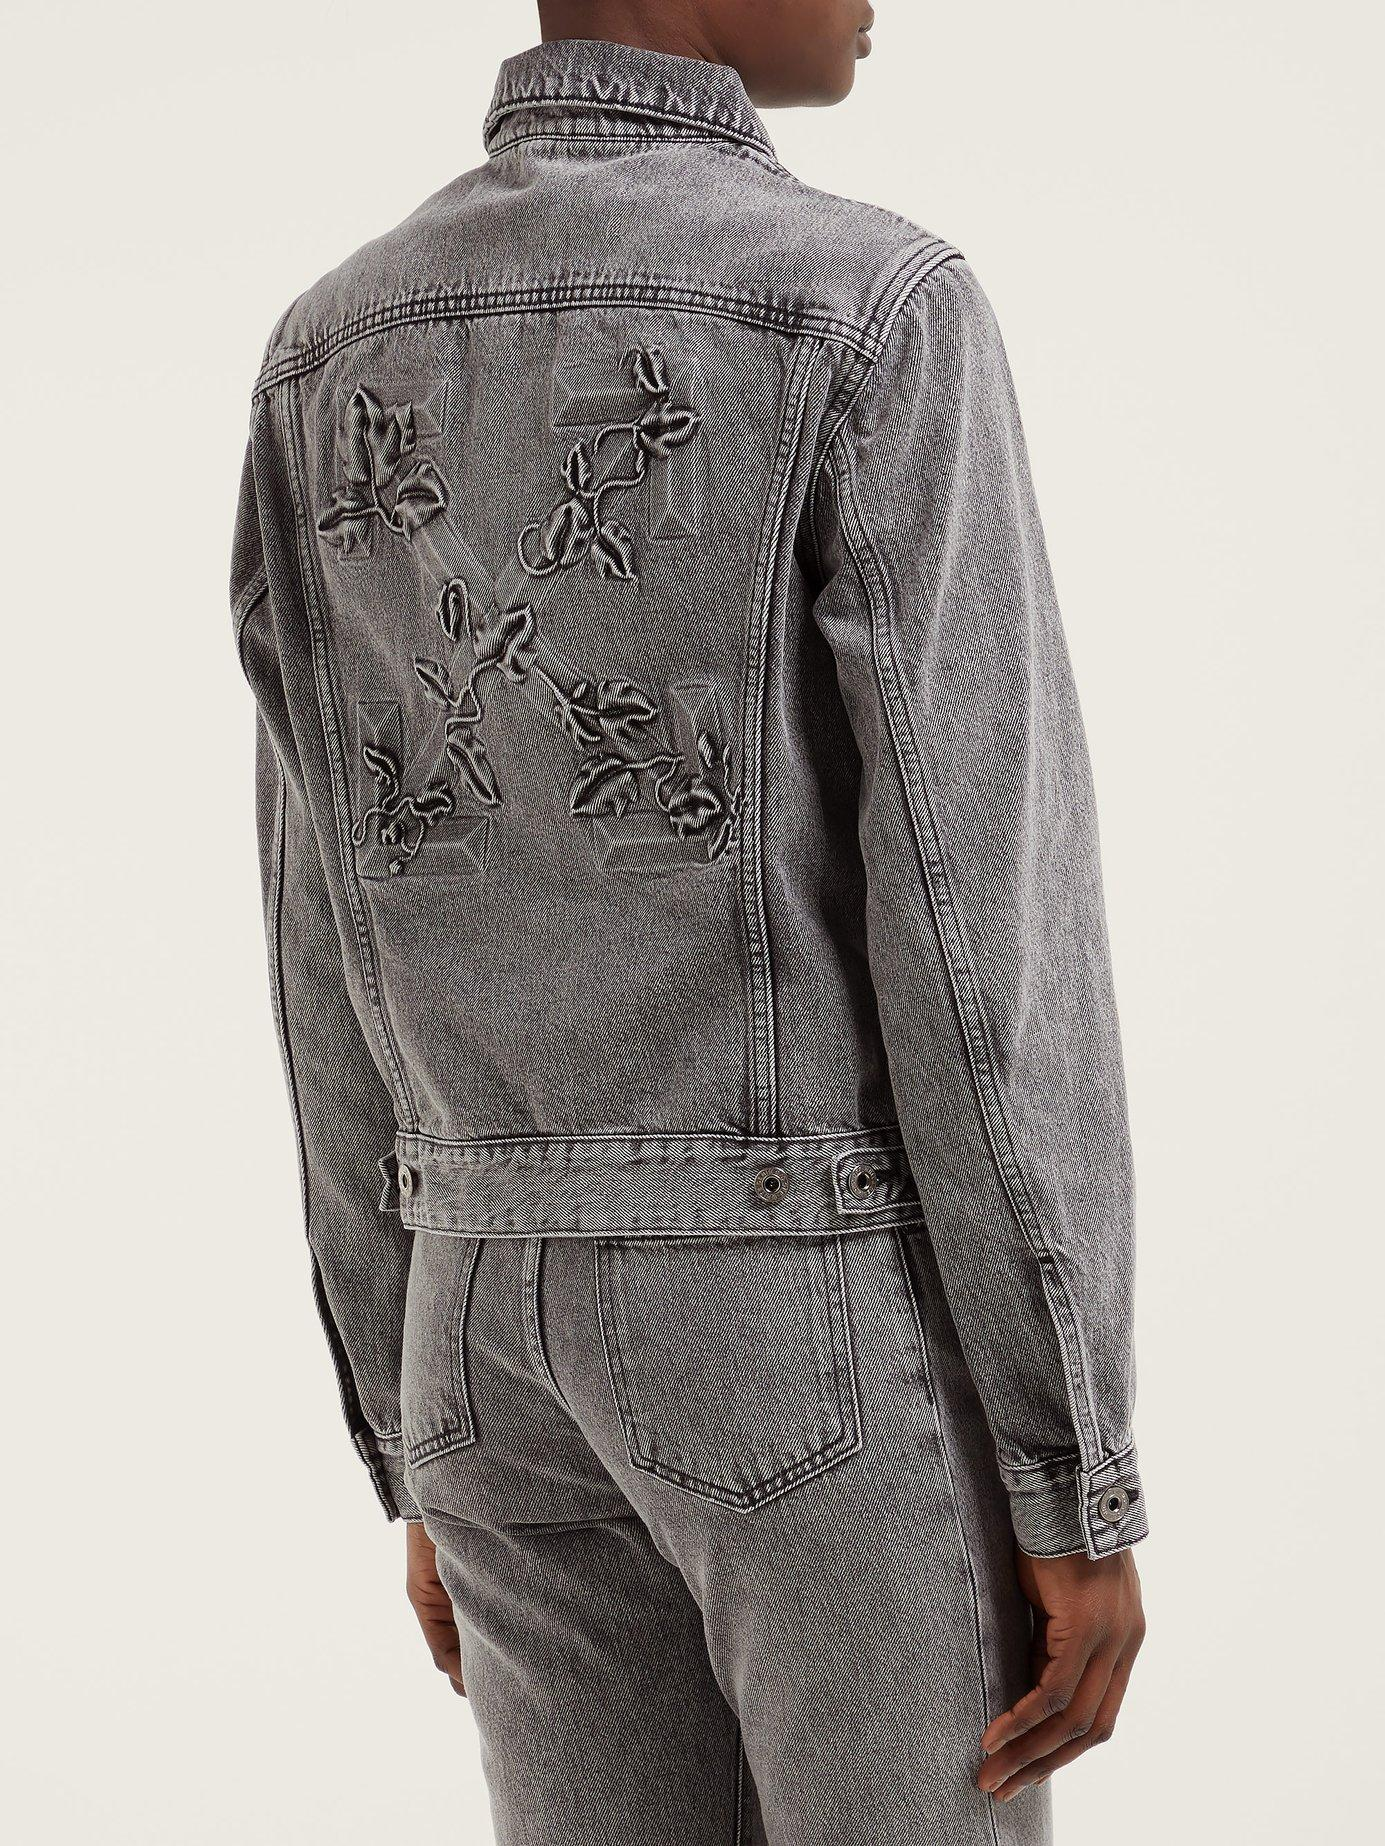 3878bf5d4502 Off-White c o Virgil Abloh - Gray Embossed Denim Jacket - Lyst. View  fullscreen